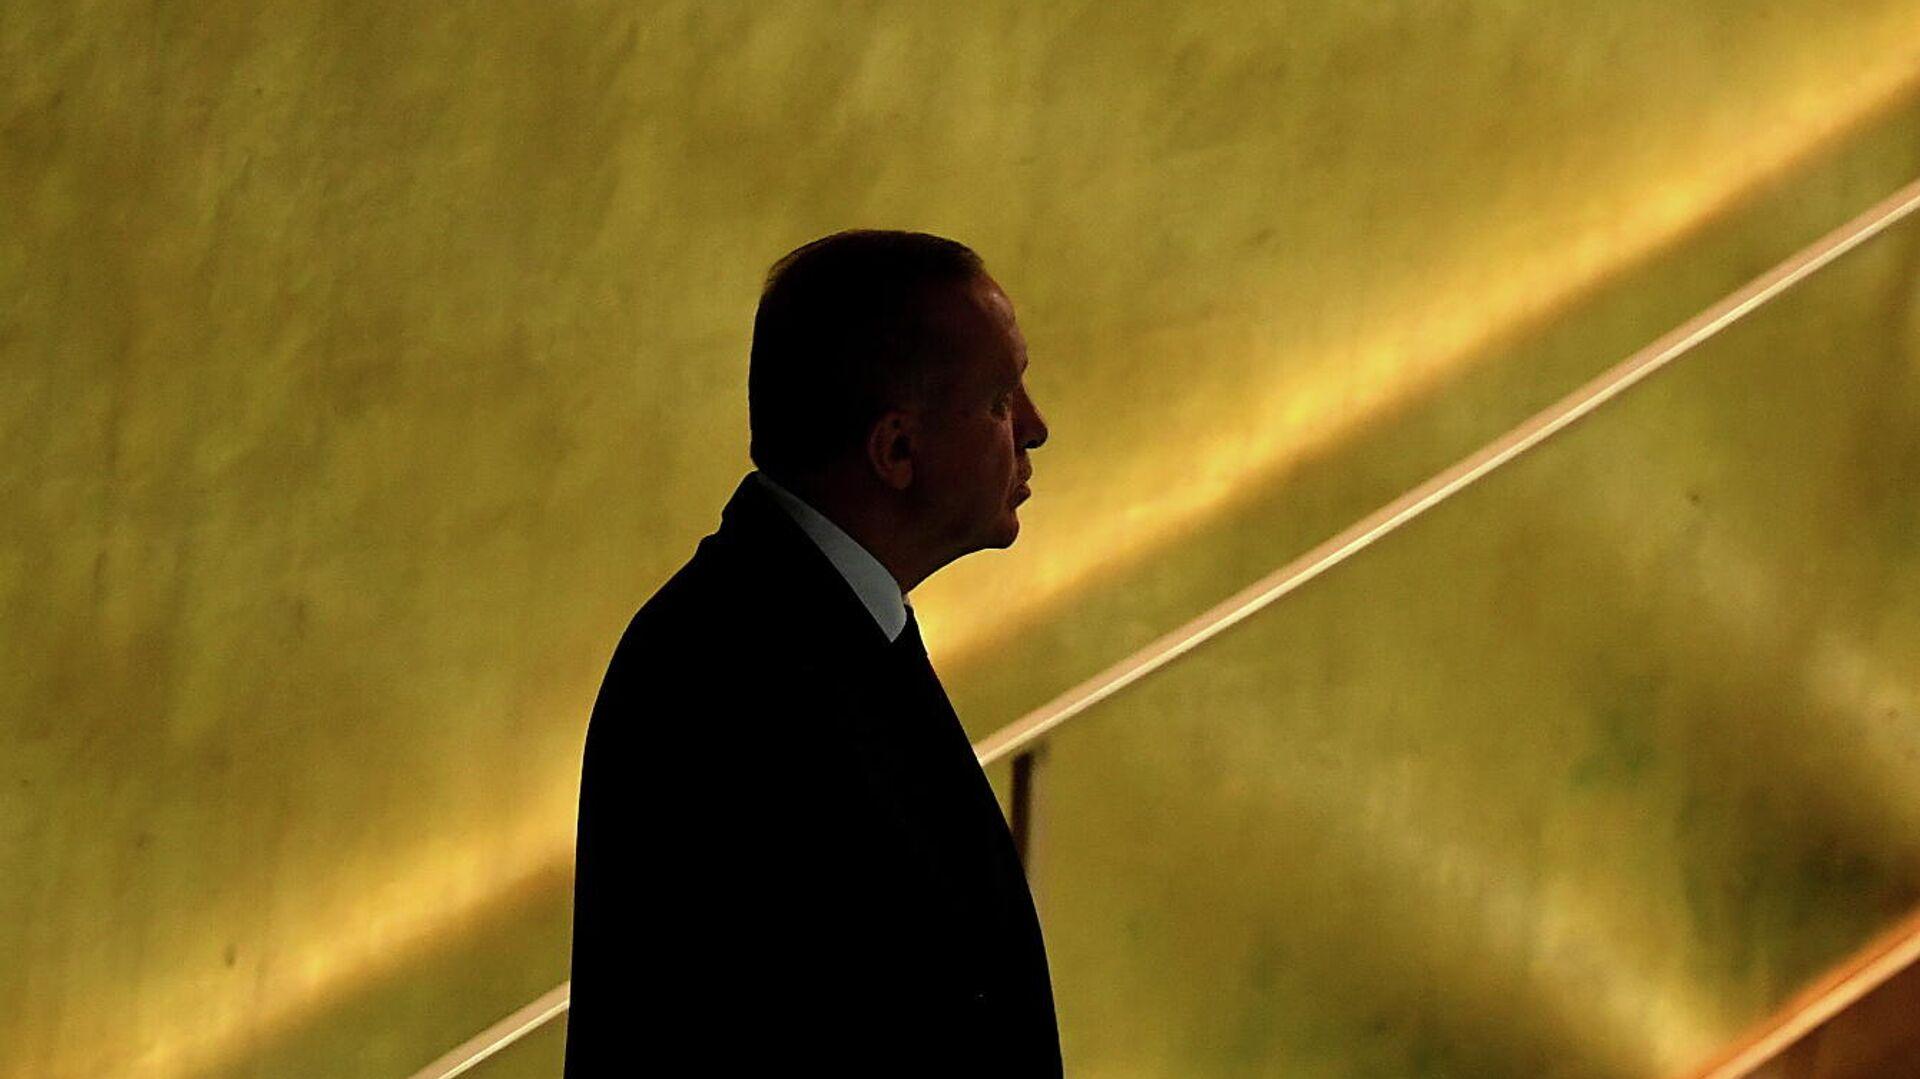 Президент Турции Тайип Эрдоган на сессии Генеральной Ассамблеи ООН в Нью-Йорке - РИА Новости, 1920, 23.09.2021